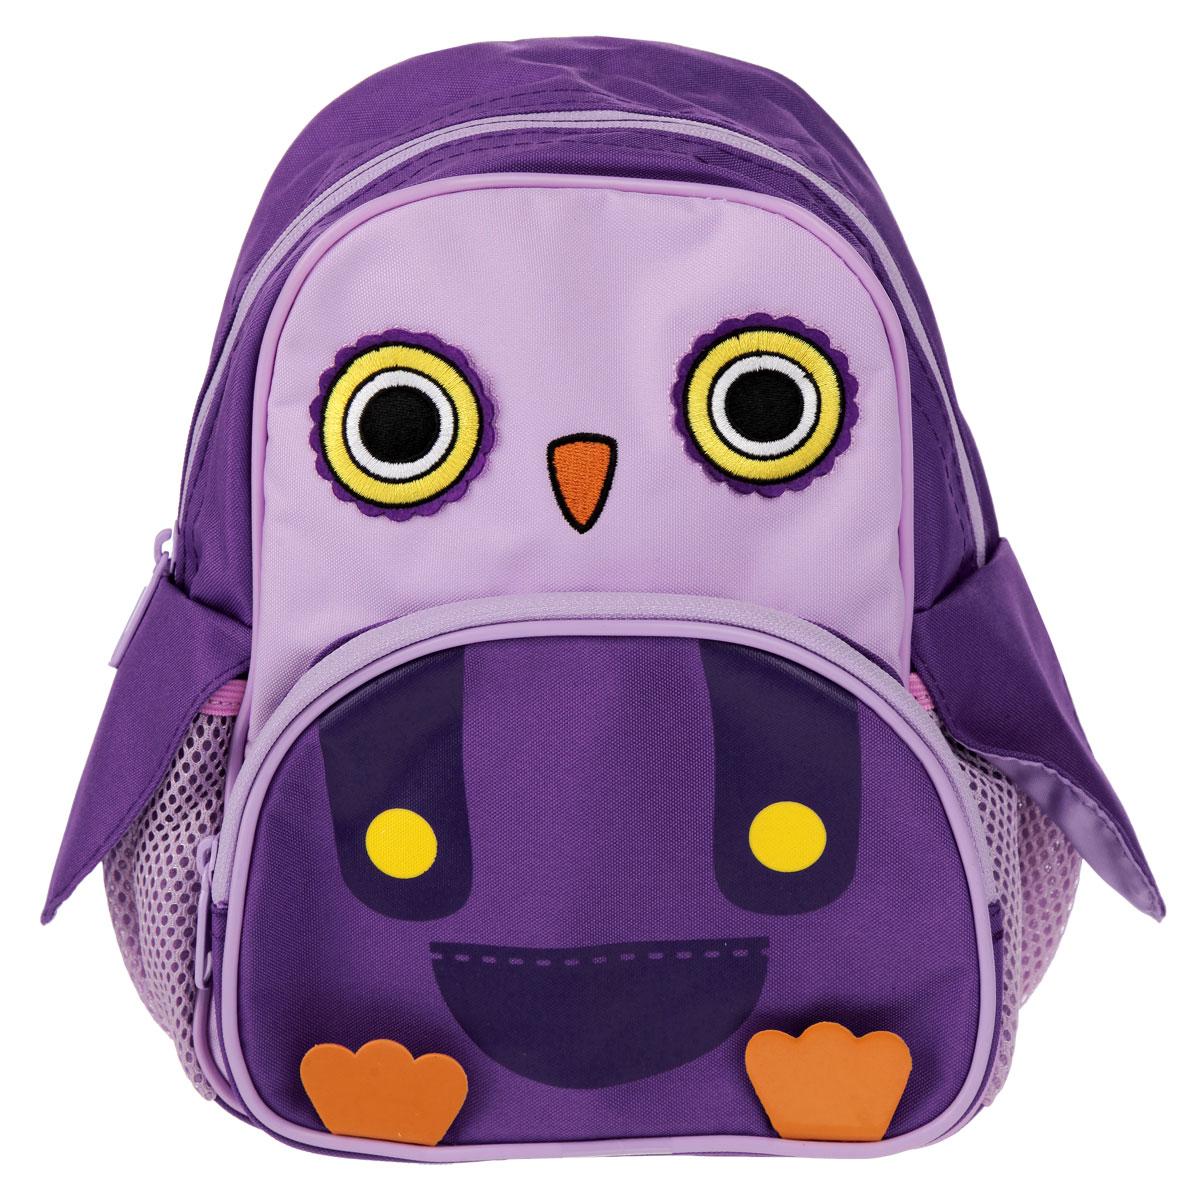 Рюкзак мини CUTE ANIMAL, размер 26 х 23 х 13 см, цвет: фиолетовый2925/TG_фиолетовыйРюкзак детский CUTE ANIMAL выполнен из износостойкого материала высокого качества. Изделие оформлено в виде пингвина. Рюкзак имеет одно основное отделение, которое закрывается на молнию. На лицевой стороне рюкзака расположен накладной карман на молнии. По бокам рюкзака расположены два накладных сетчатых кармана. Рюкзак оснащен анатомической рельефной спинкой, повторяющей контур спины и двумя эргономичным плечевыми ремнями, длина которых регулируется. Оригинальный детский рюкзак CUTE ANIMAL станет незаменимым спутником вашего ребенка в первых походах за знаниями.